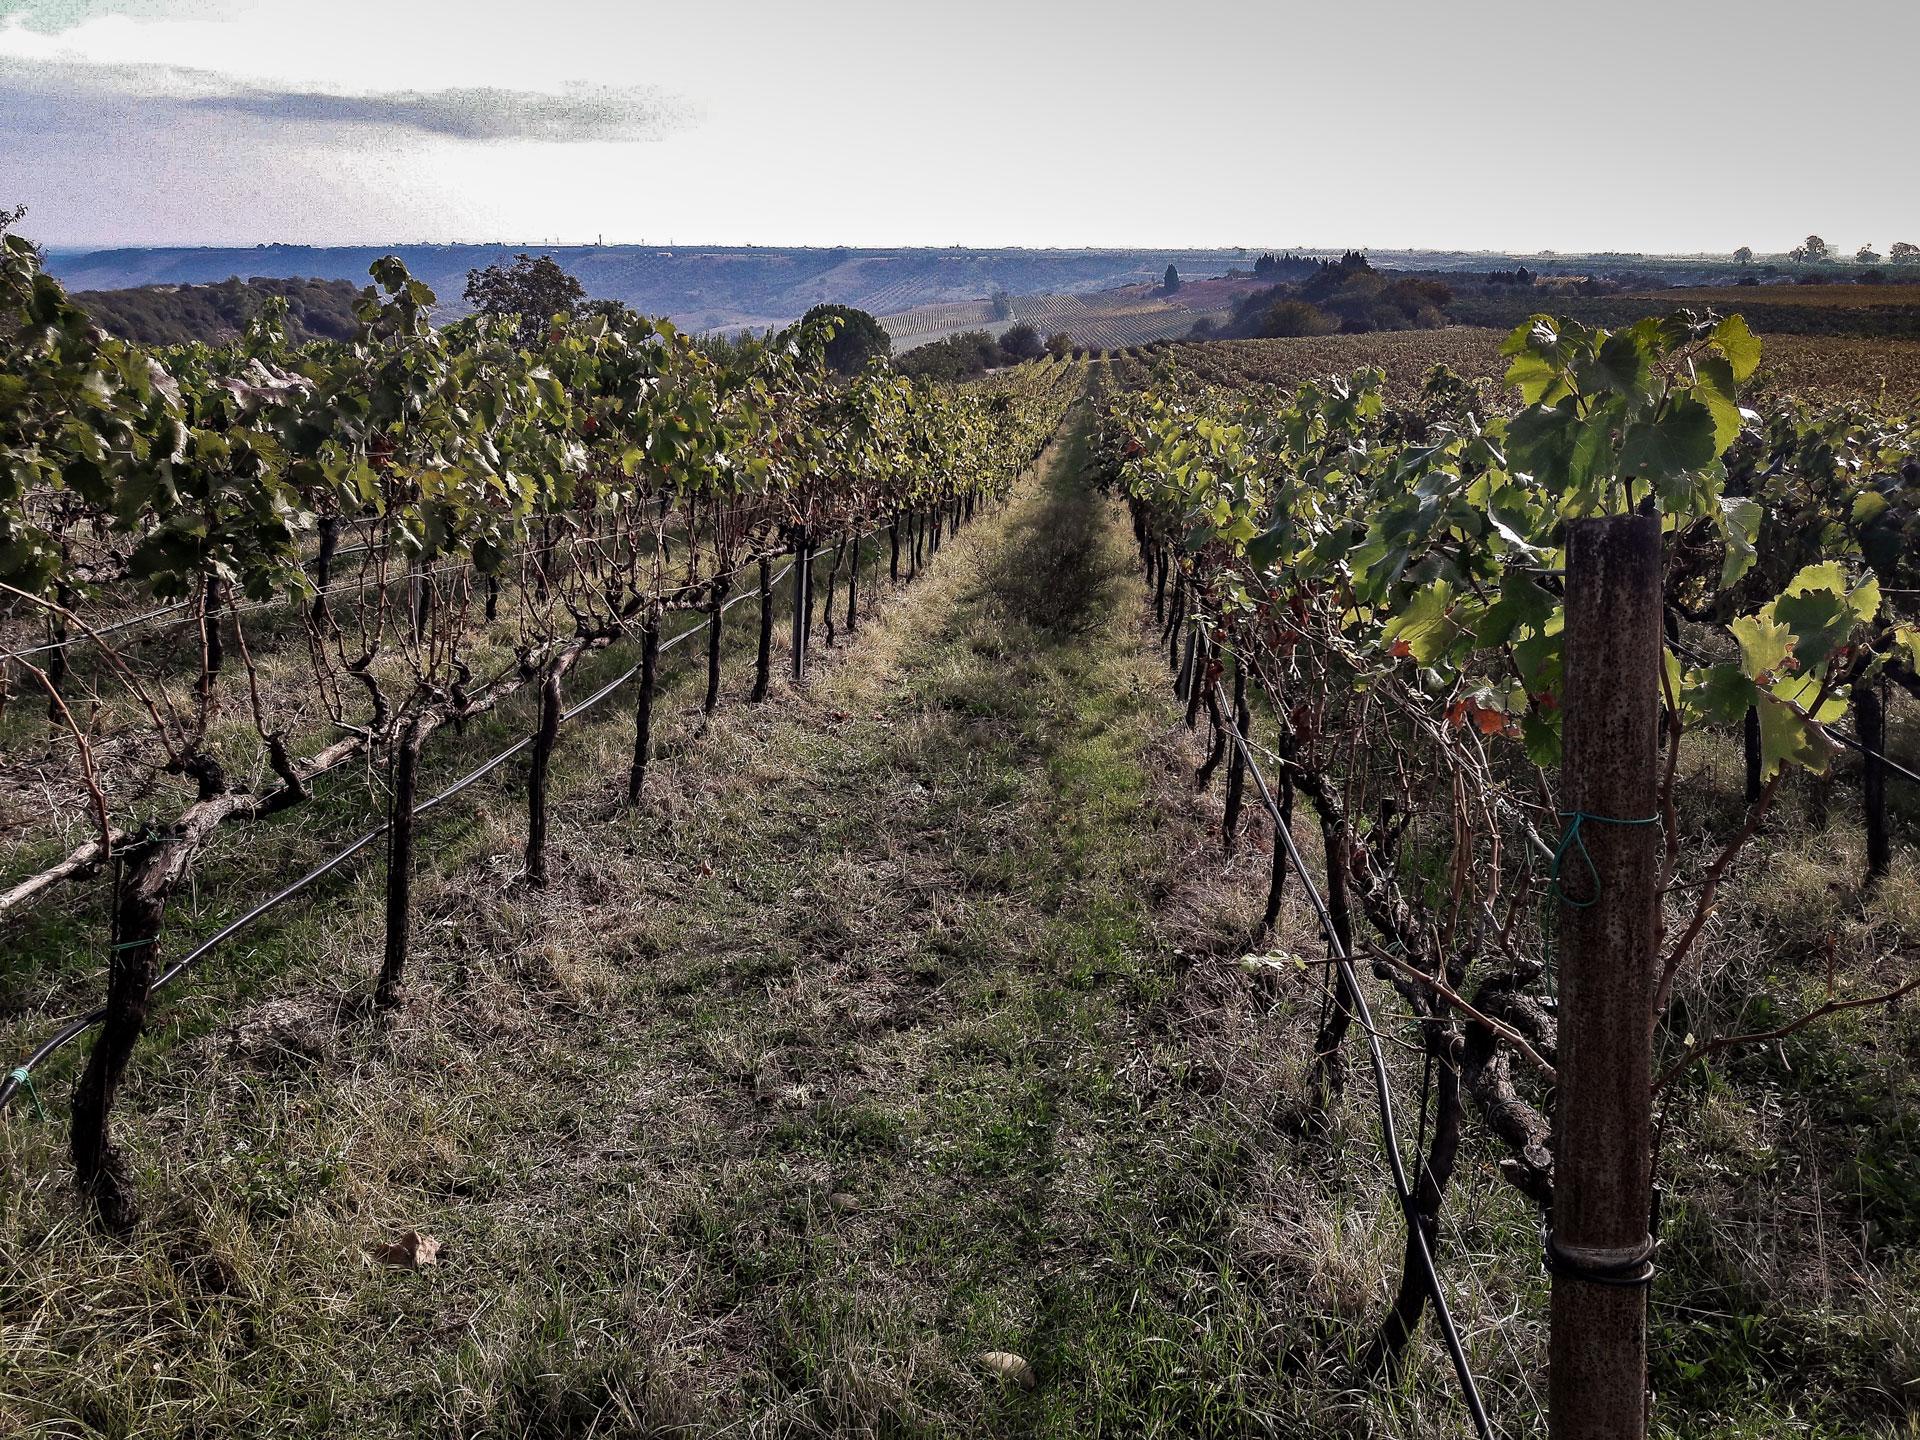 Vineyards around Montalbano Jonico